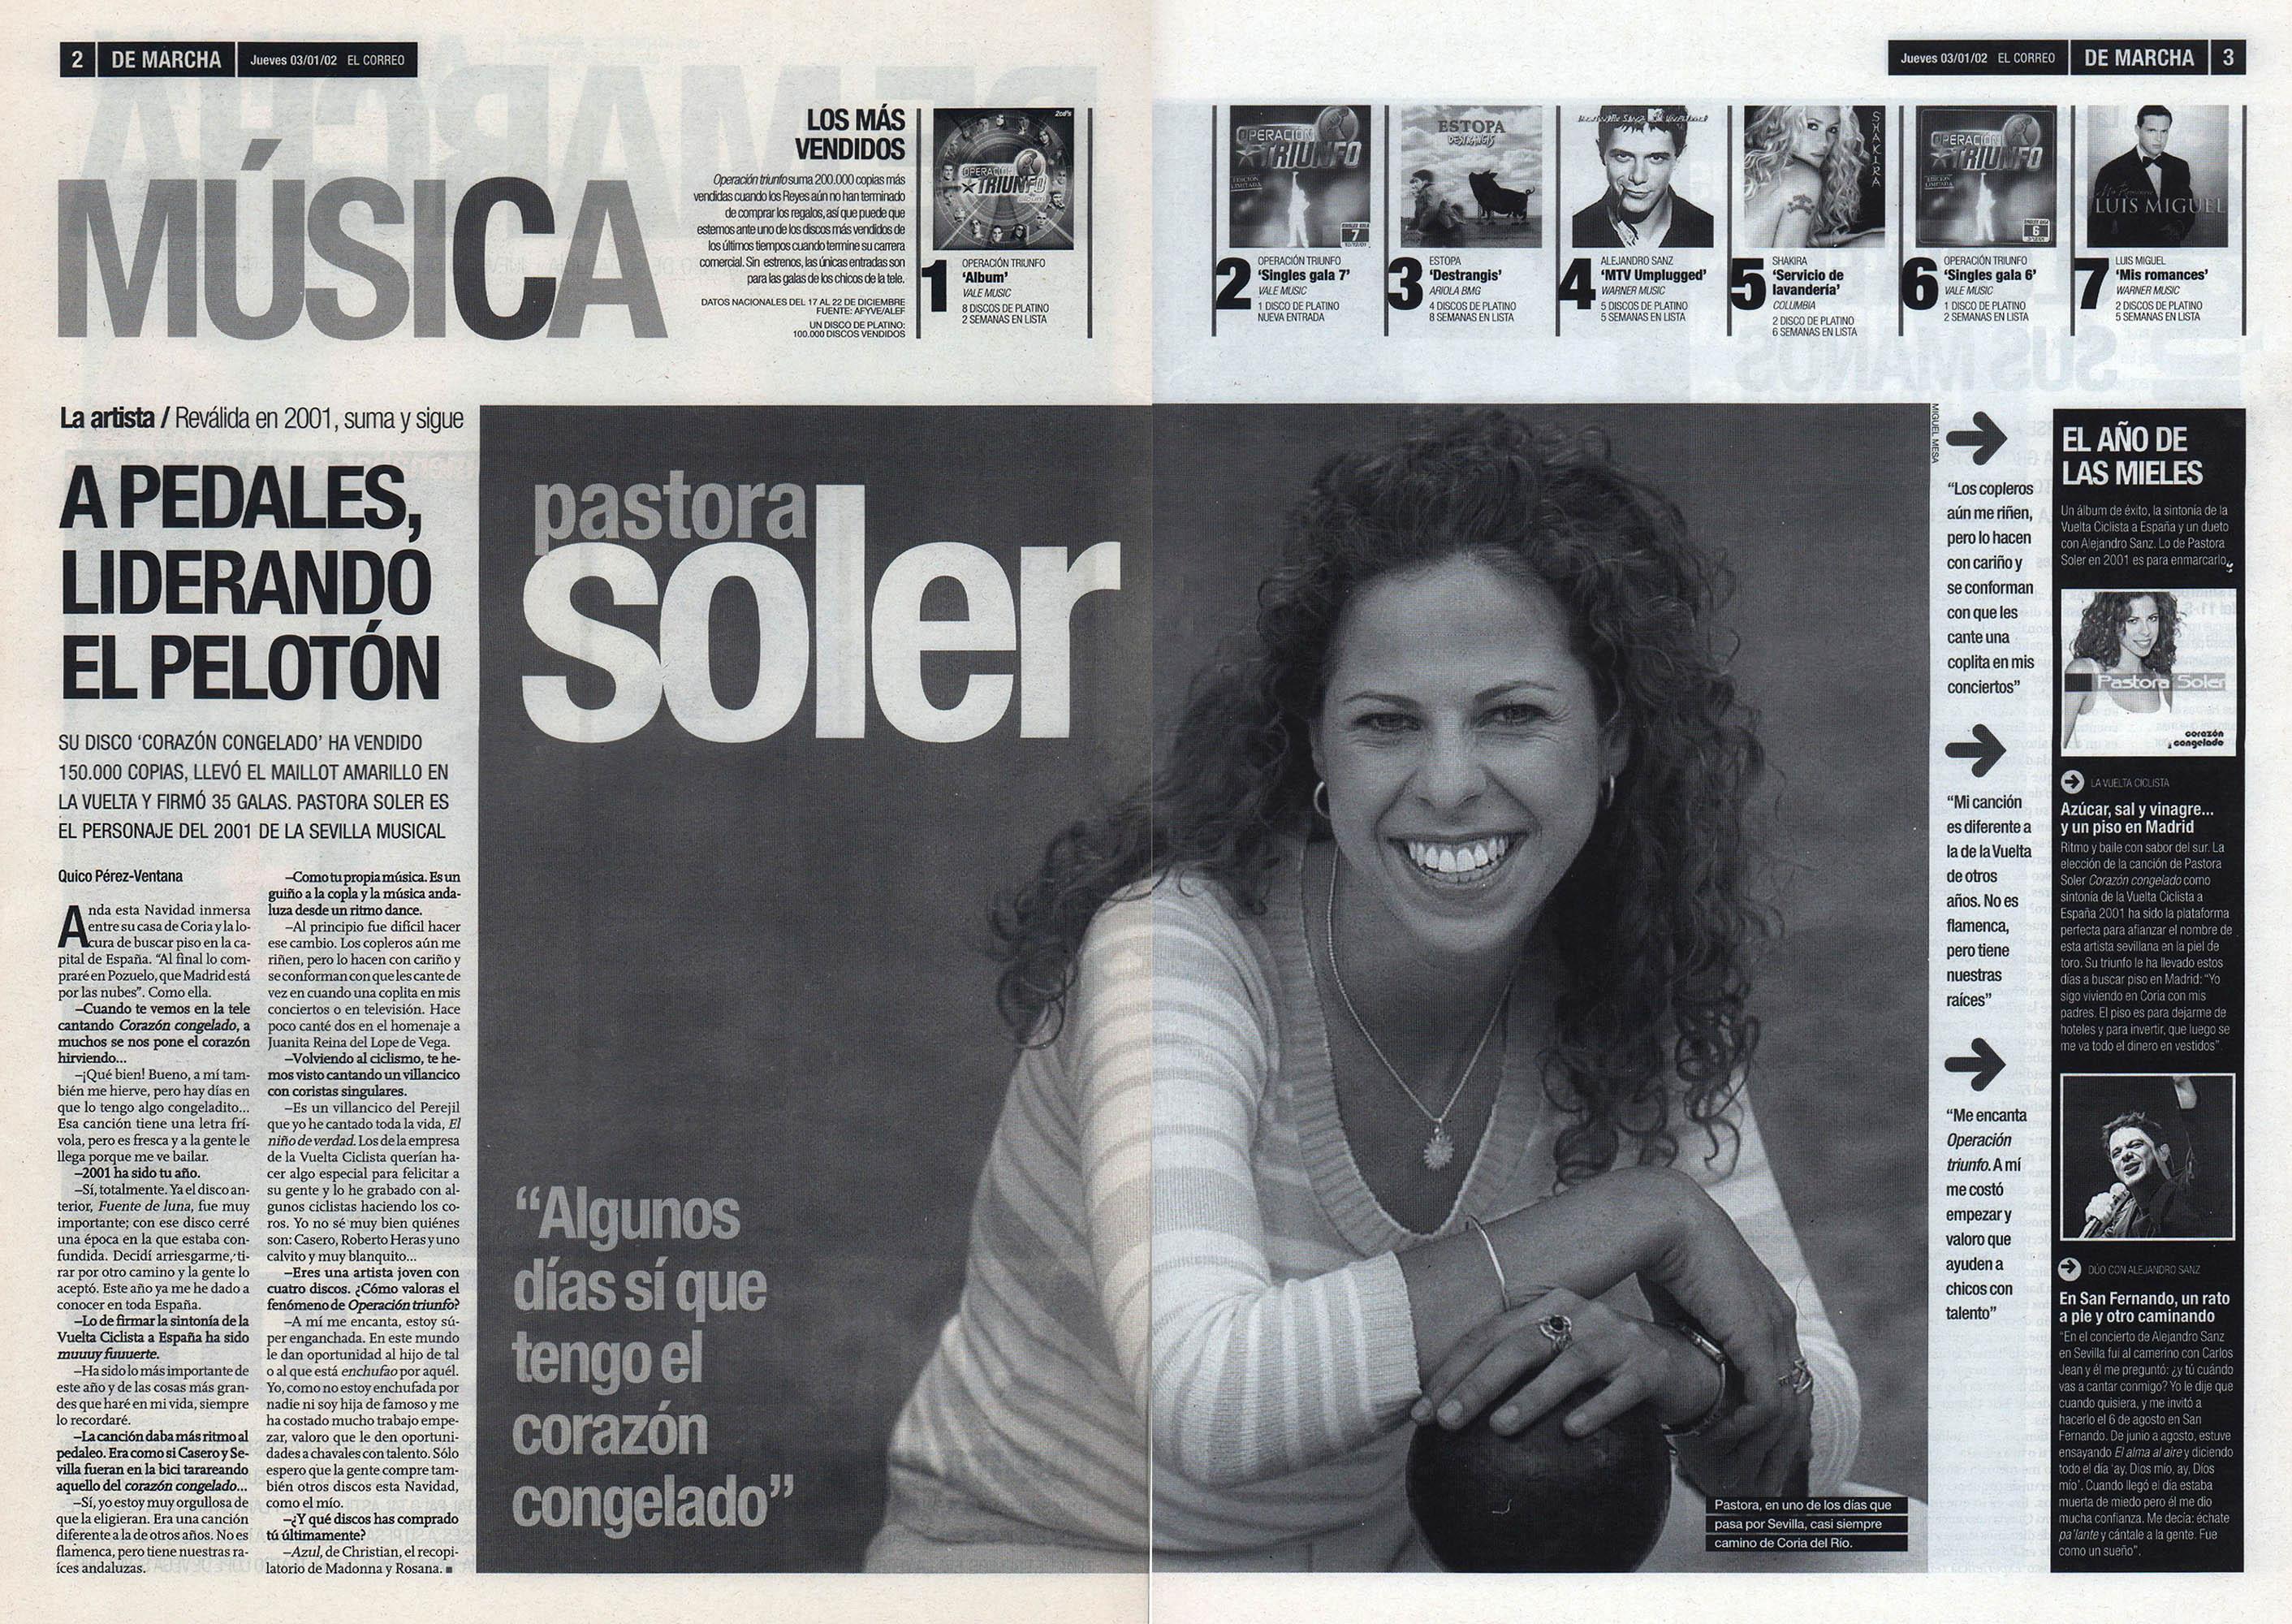 Pastora Soler: a pedales, liderando el pelotón - Corazón congelado   De Marcha - El Correo   3 ene 2002